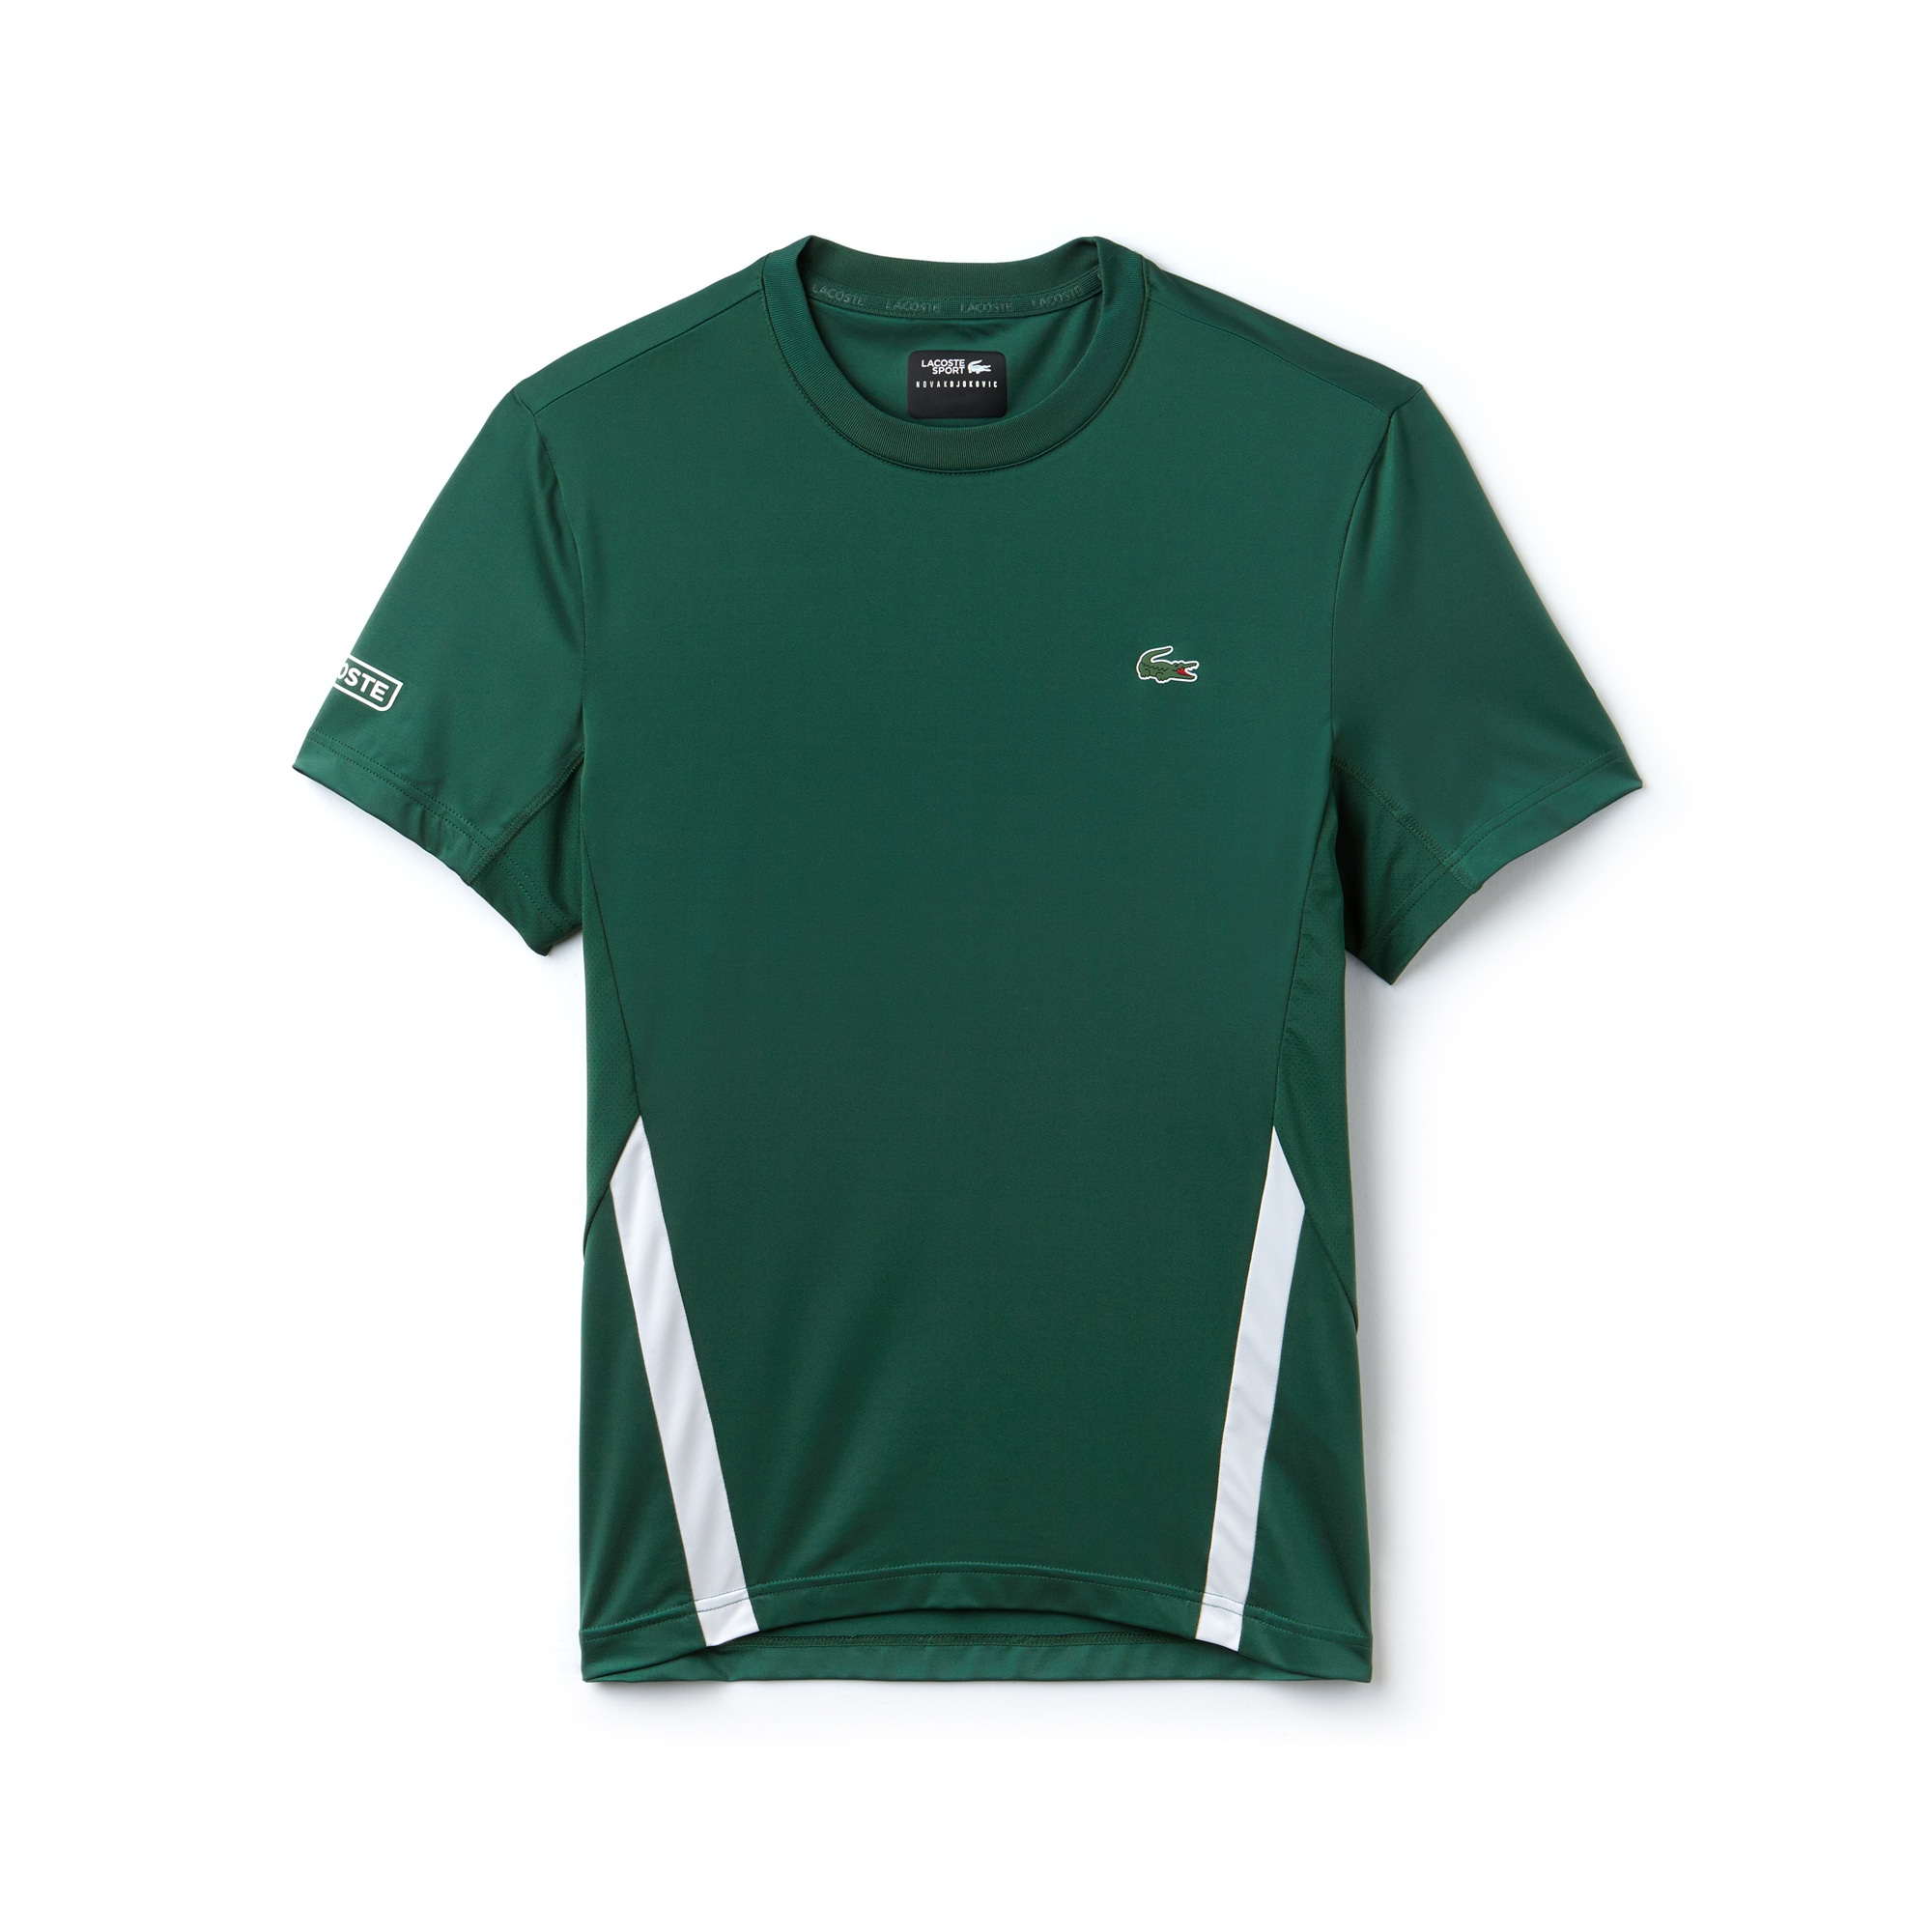 라코스테 Lacoste Mens SPORT Crew Neck Stretch Technical Jersey T-shirt - x Novak Djokovic Off Court Premium Edition,green / white